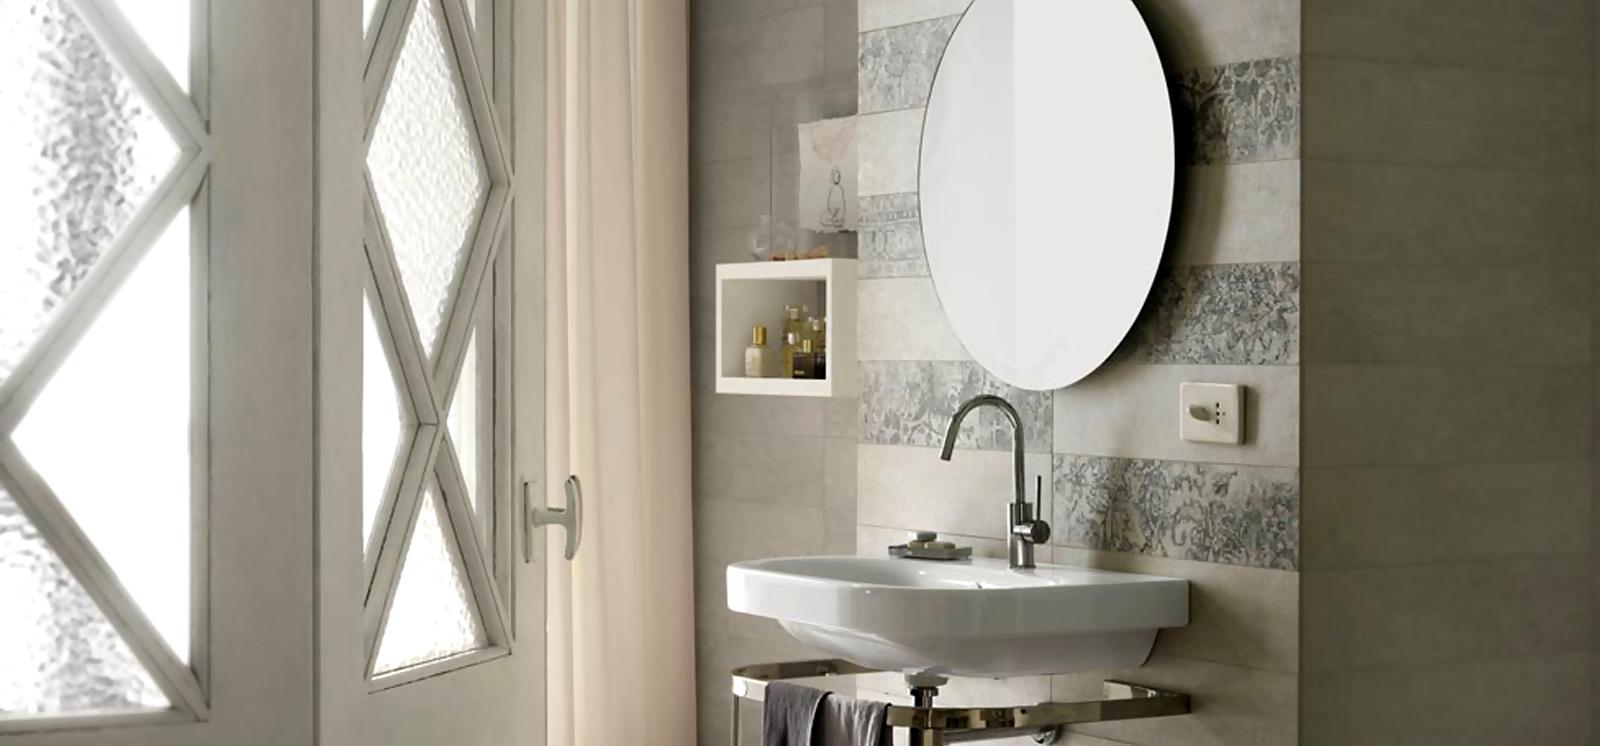 Il bagno al centro ragno - Il bagno magazine ...